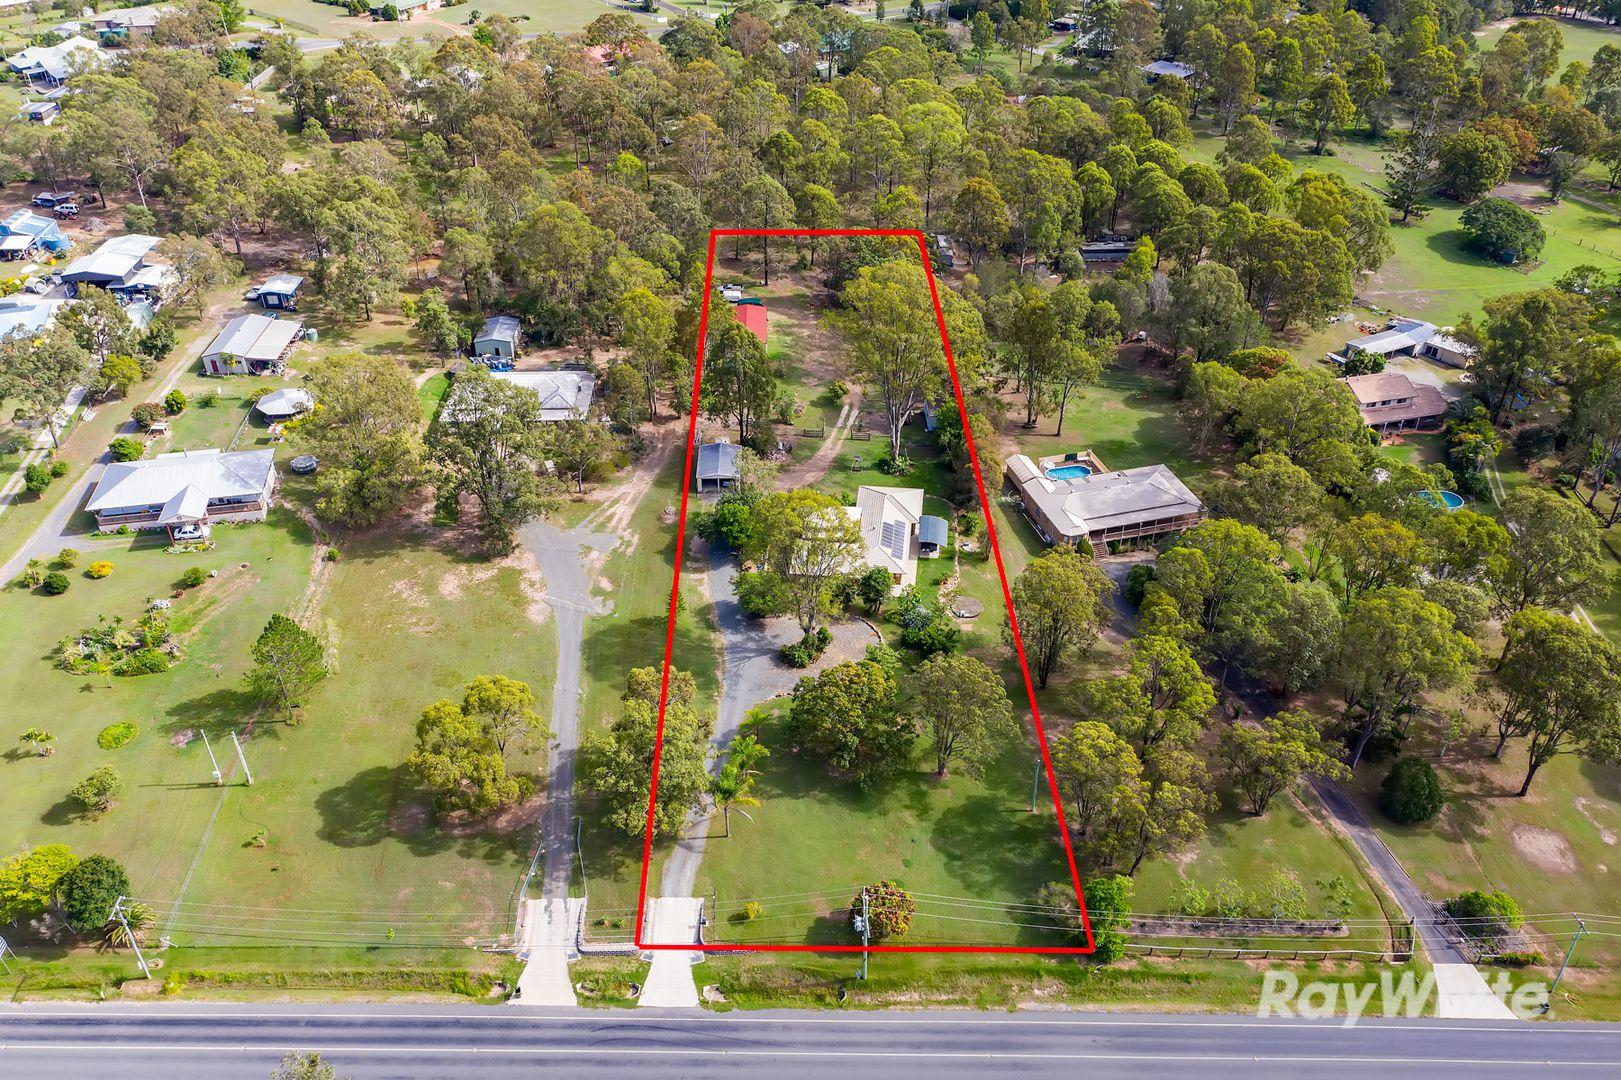 421-425 Logan Reserve Road, Logan Reserve QLD 4133, Image 0